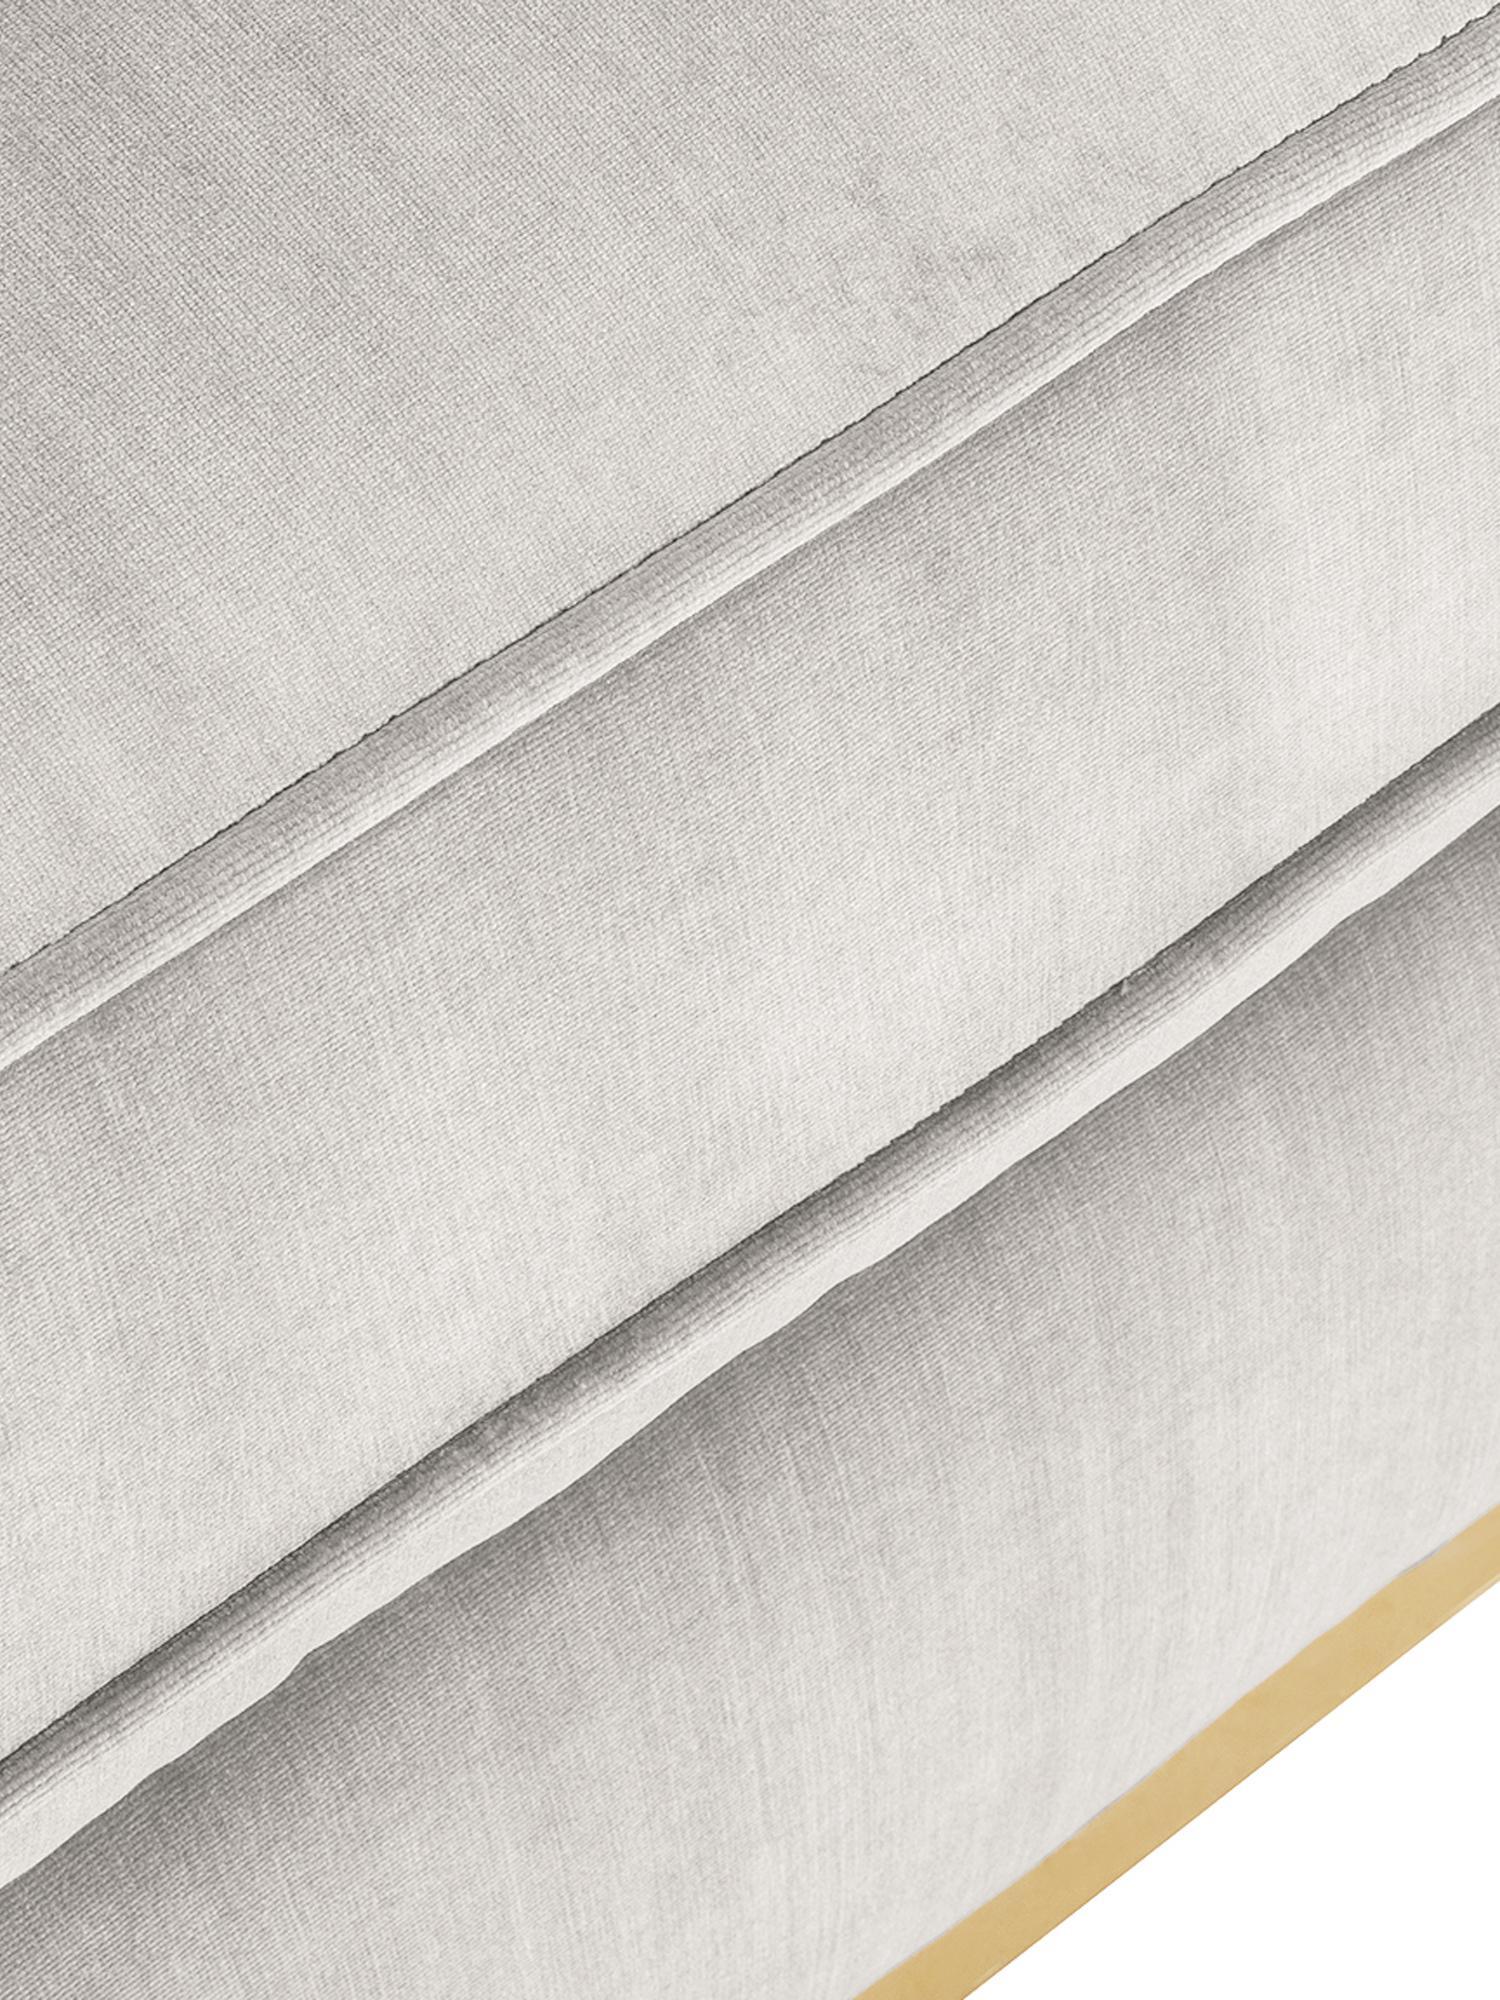 Fluwelen voetenbank Chelsea, Bekleding: fluweel (hoogwaardig poly, Frame: massief vurenhout, Frame: gecoat metaal, Fluweel lichtgrijs-beige, 80 x 44 cm